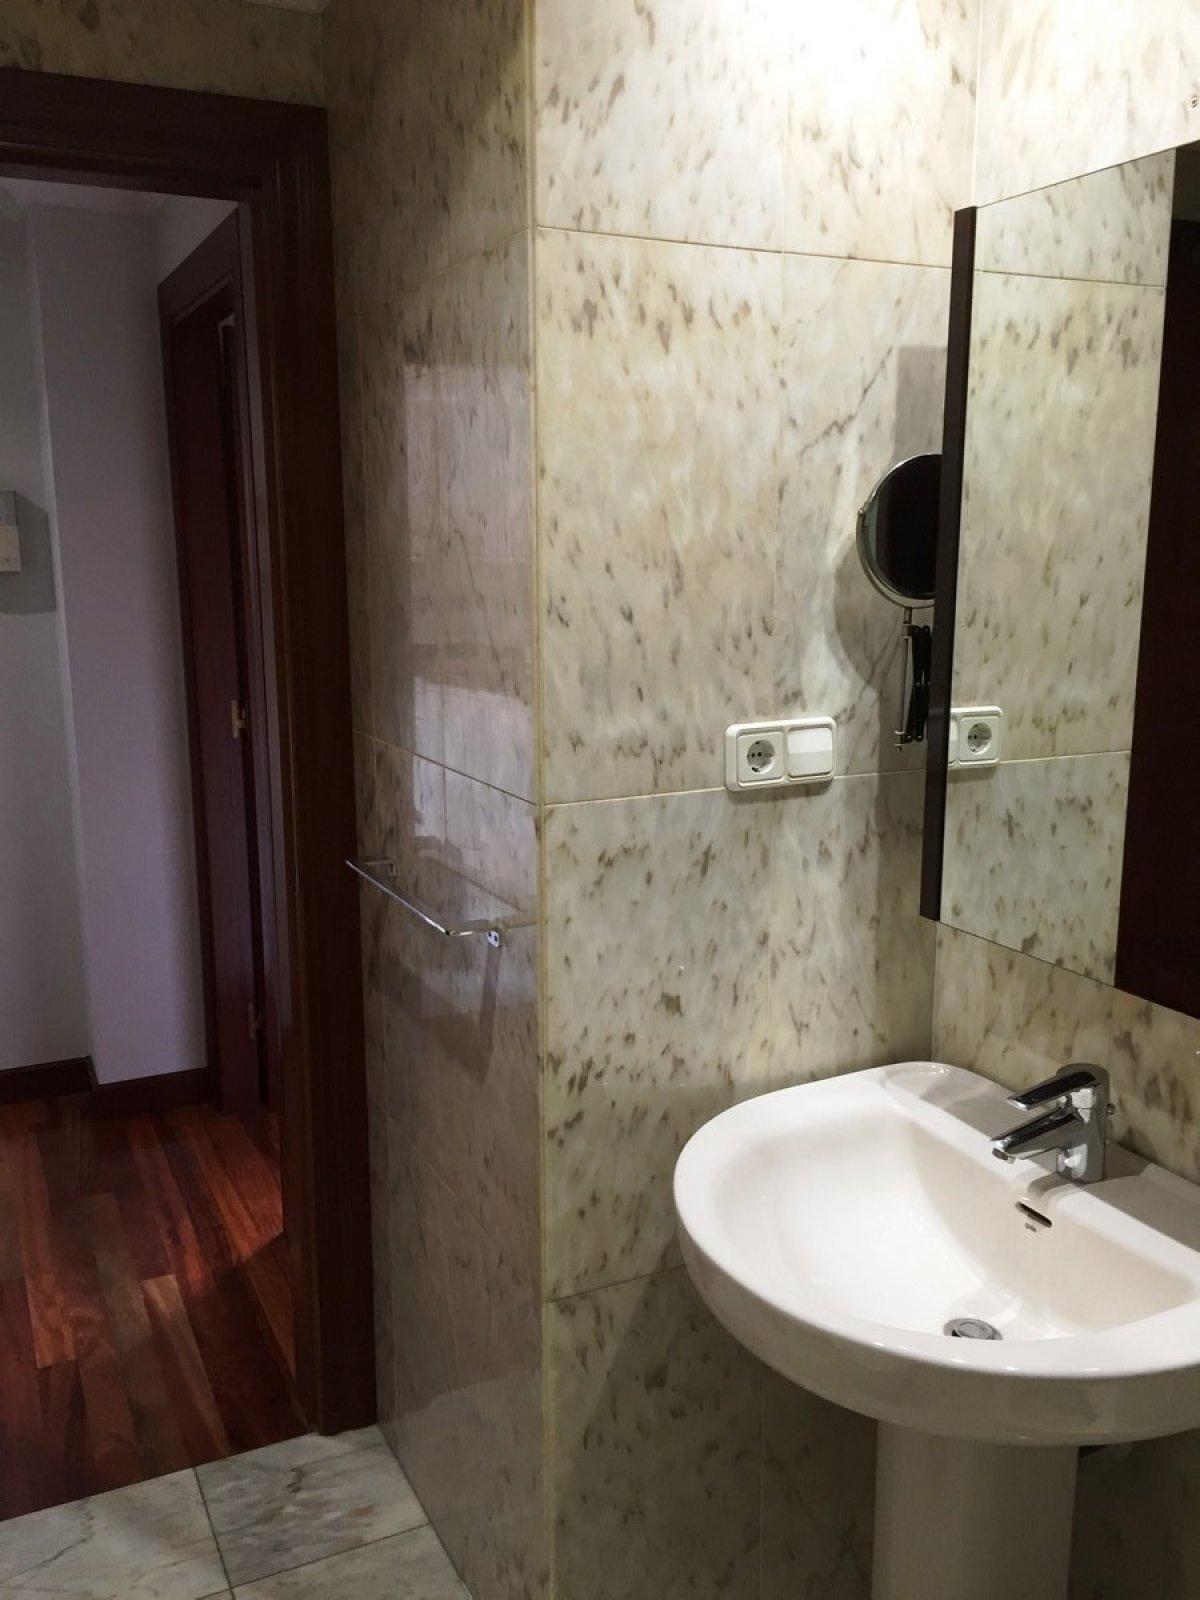 Venta de apartamento entre el huca y el campus del milán - imagenInmueble9